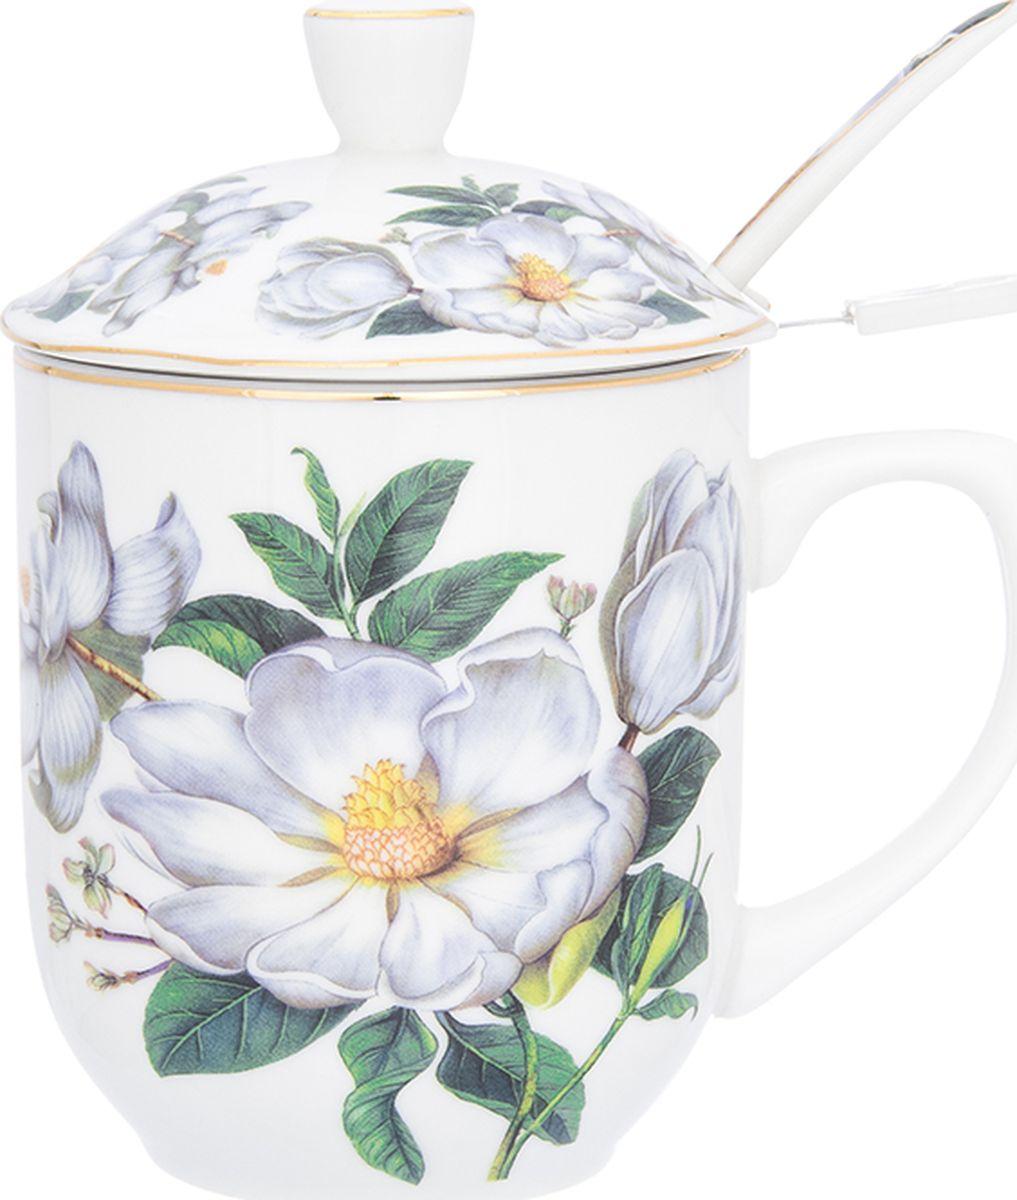 Кружка Elan Gallery Белый шиповник, с ложкой, 350 мл. 730664730664Кружка с металлическим ситом и ложкой для заваривания чая станет прекрасным подарком и послужит верой и правдой в повседневной жизни.